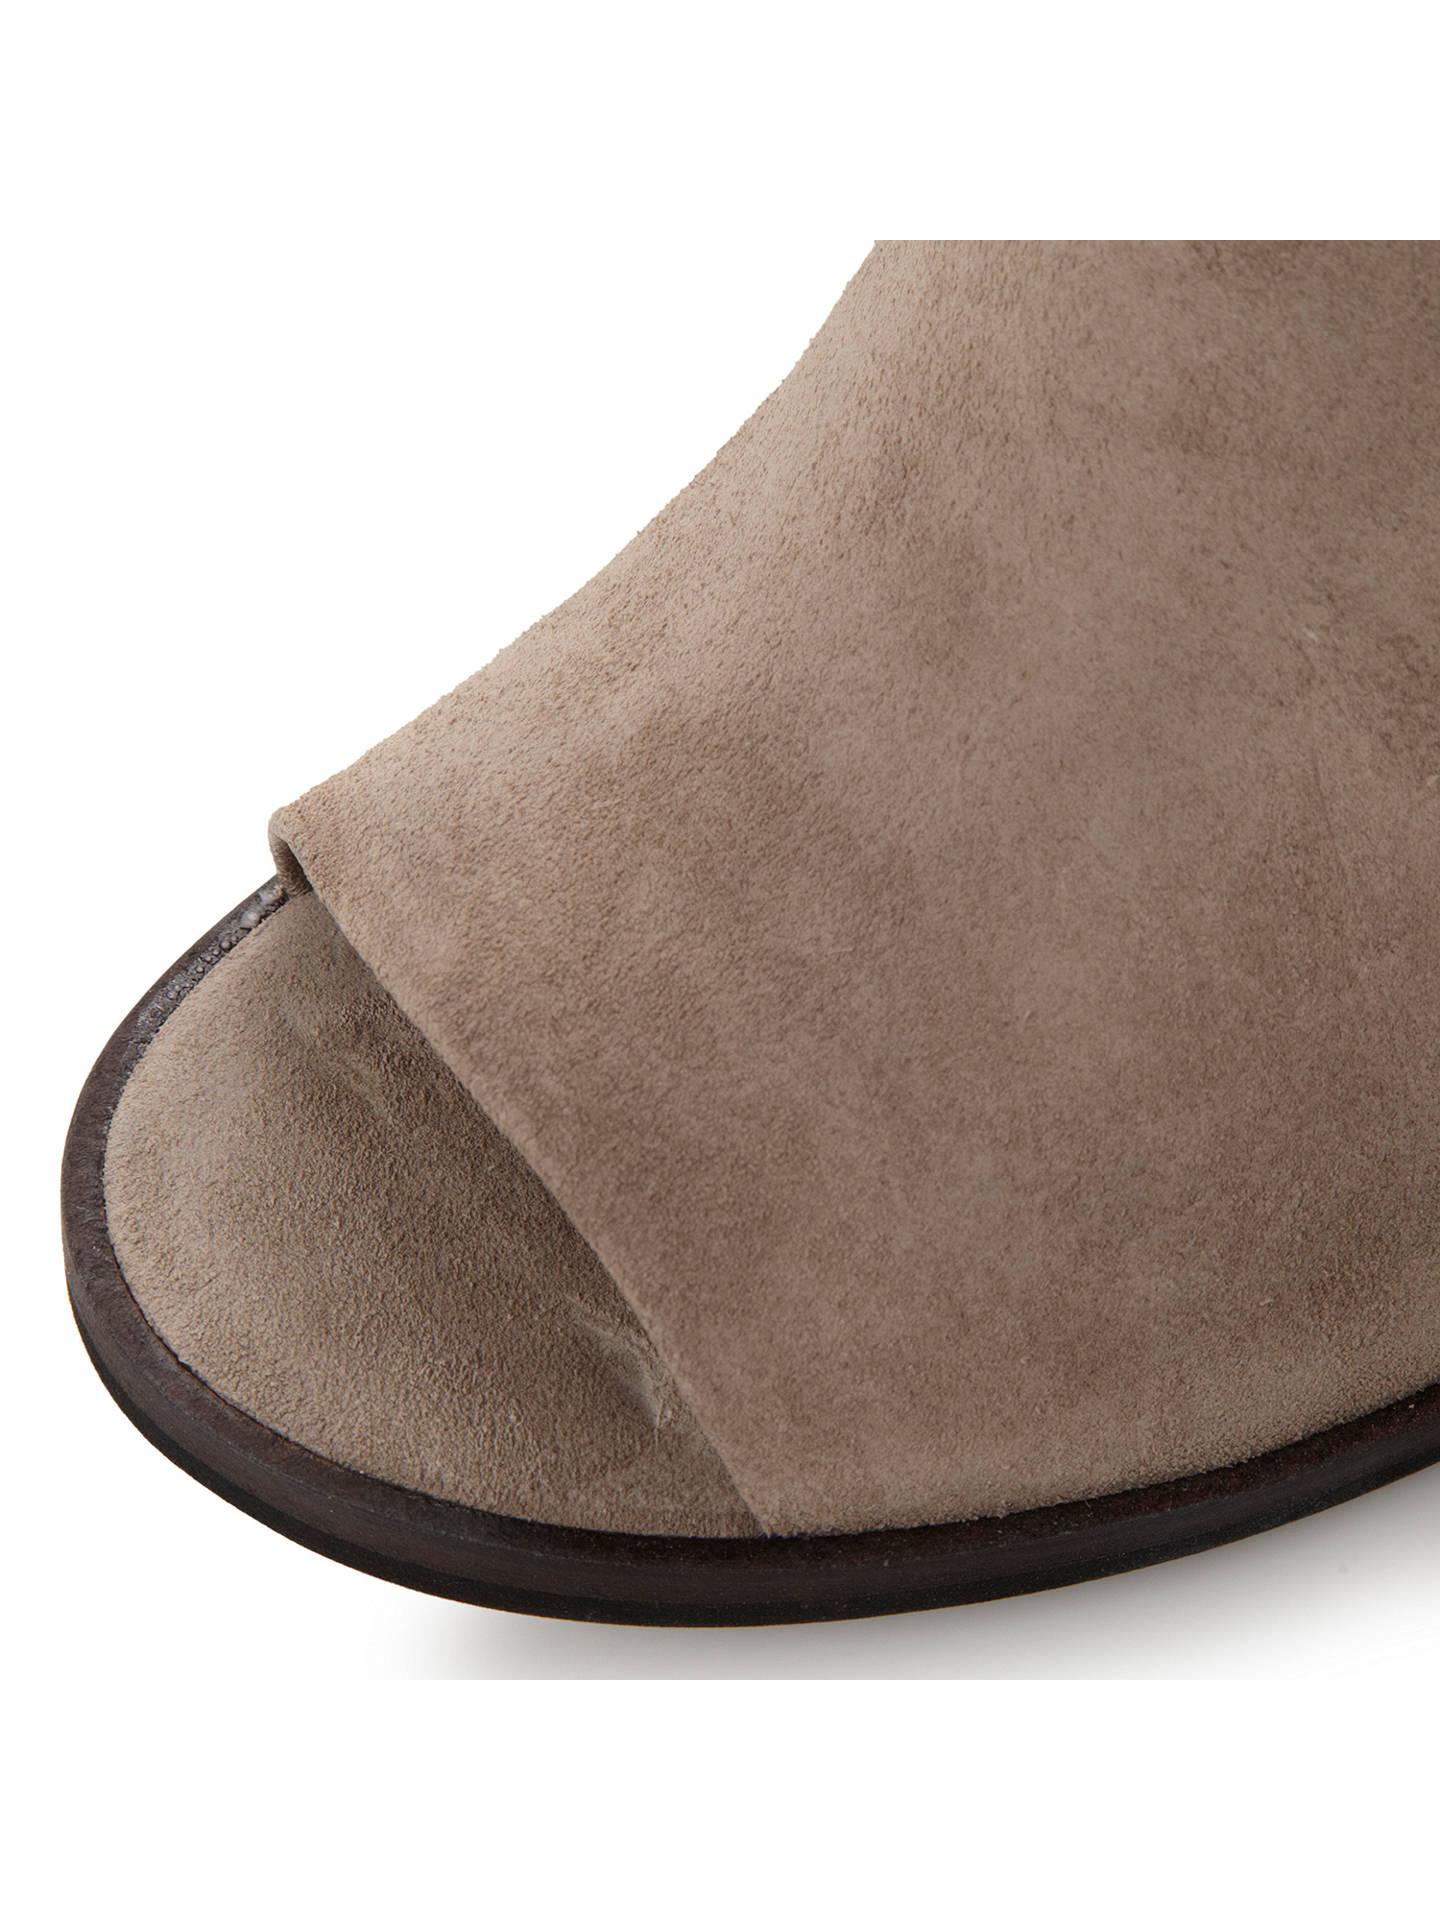 1c6dfd9007 ... Buy Steve Madden Tallen Peep Toe Block Heel Sandals, Grey Suede, 3  Online at ...